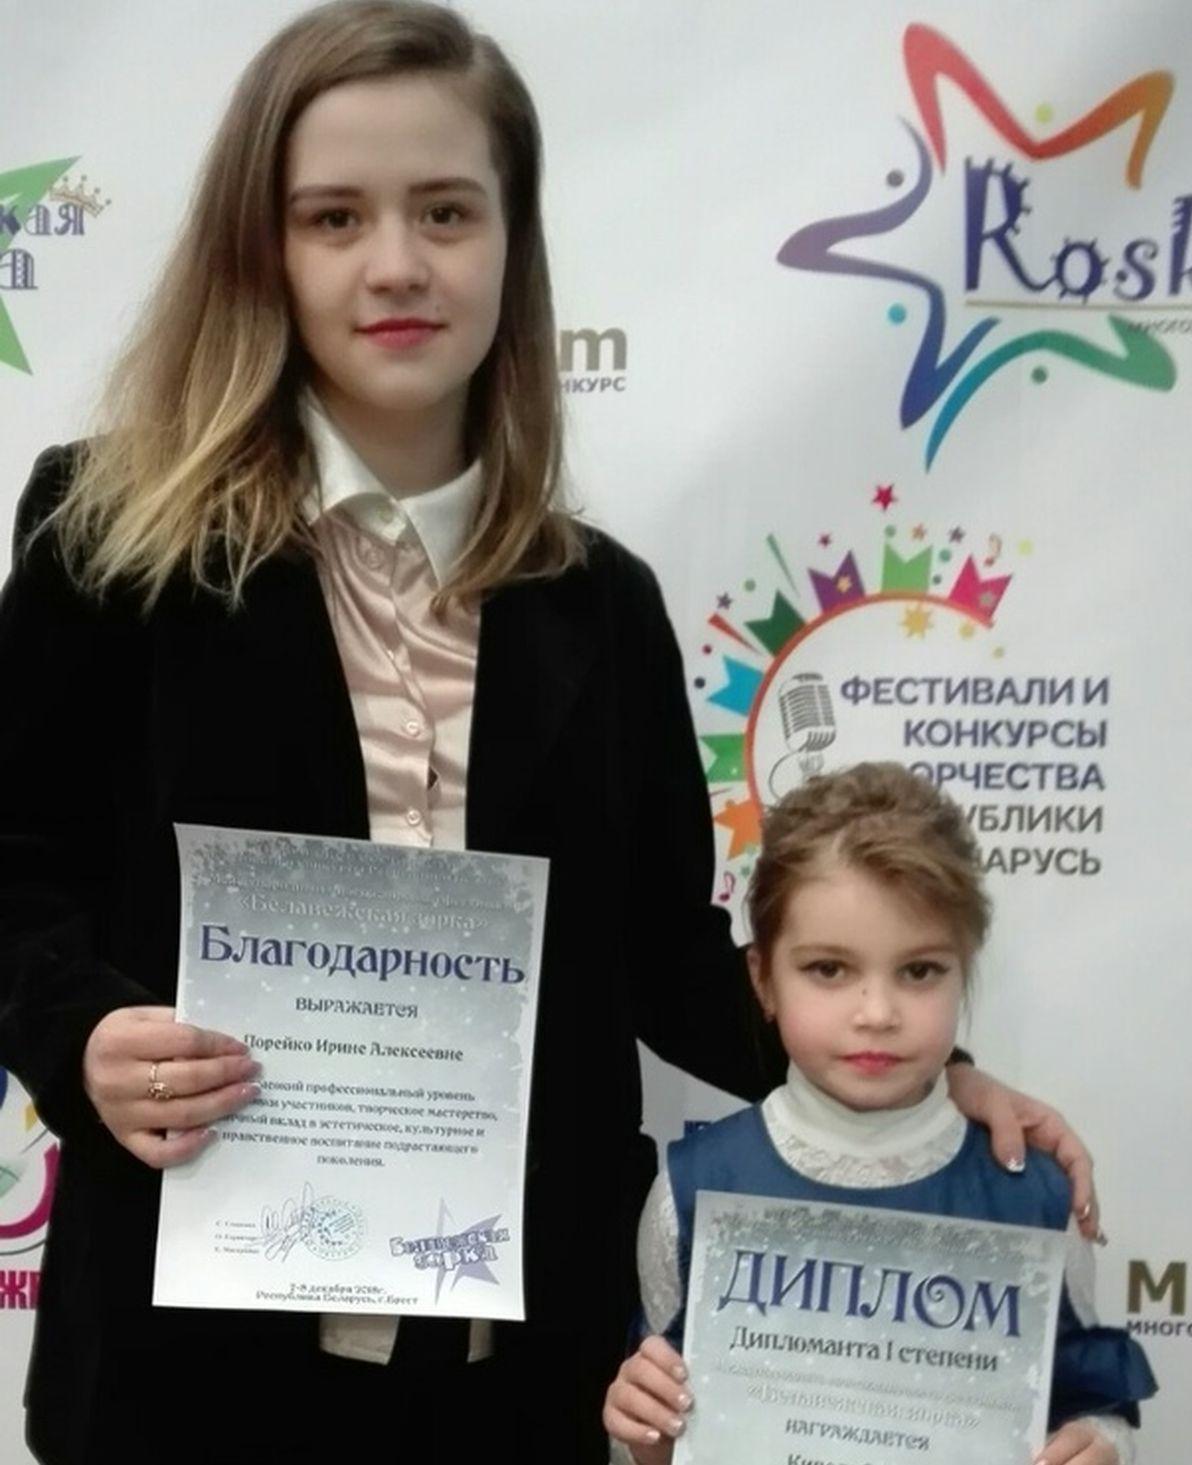 Алиса Кипель со своим педагогом. Фото: архив Ирины ПОРЕЙКО